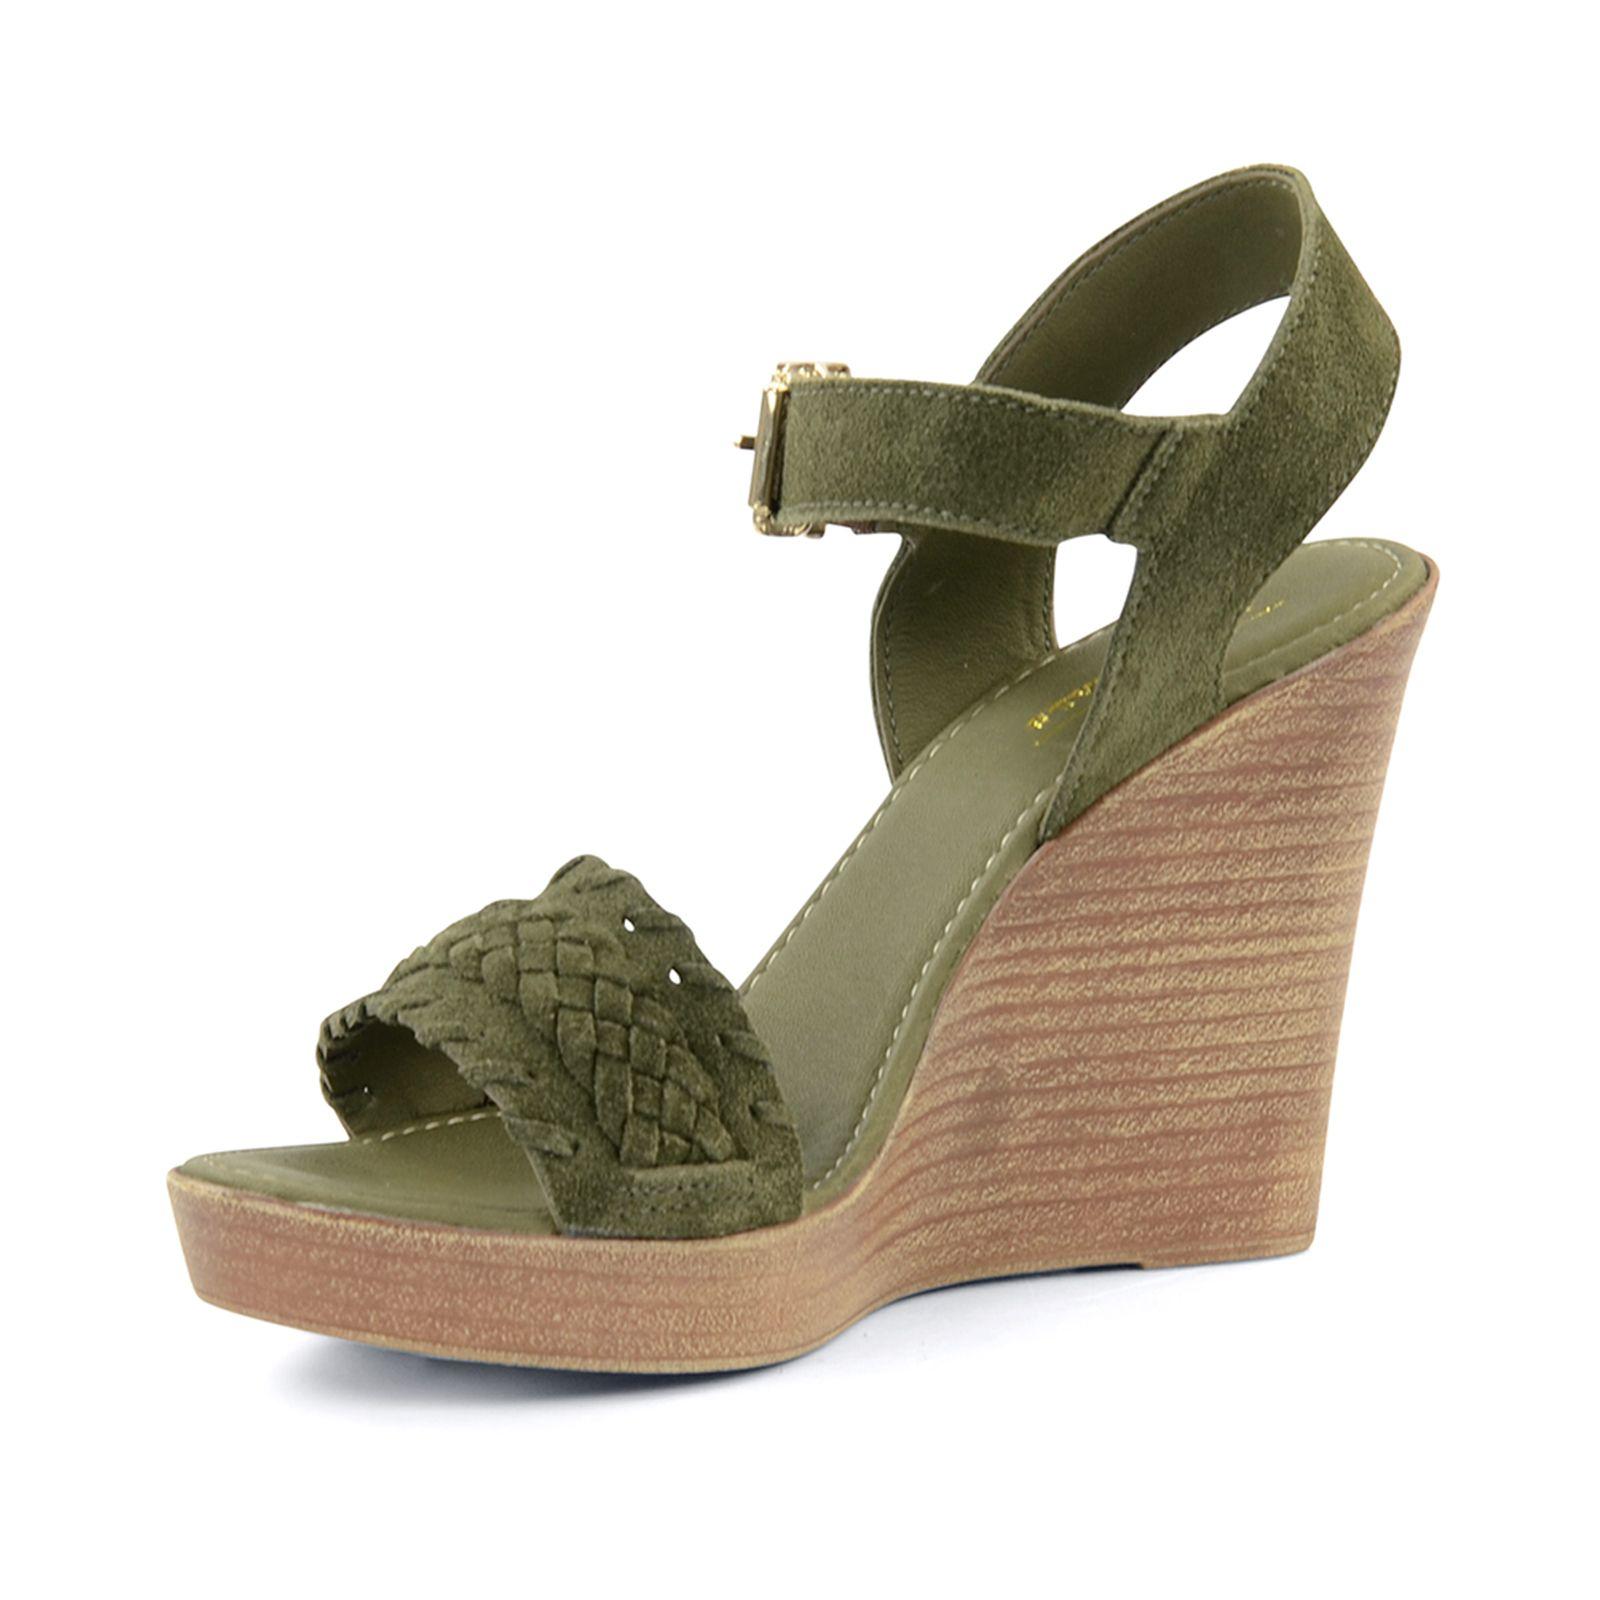 Grüne Keilsandaletten  Damenschuhe  4999  SachaSchuhede